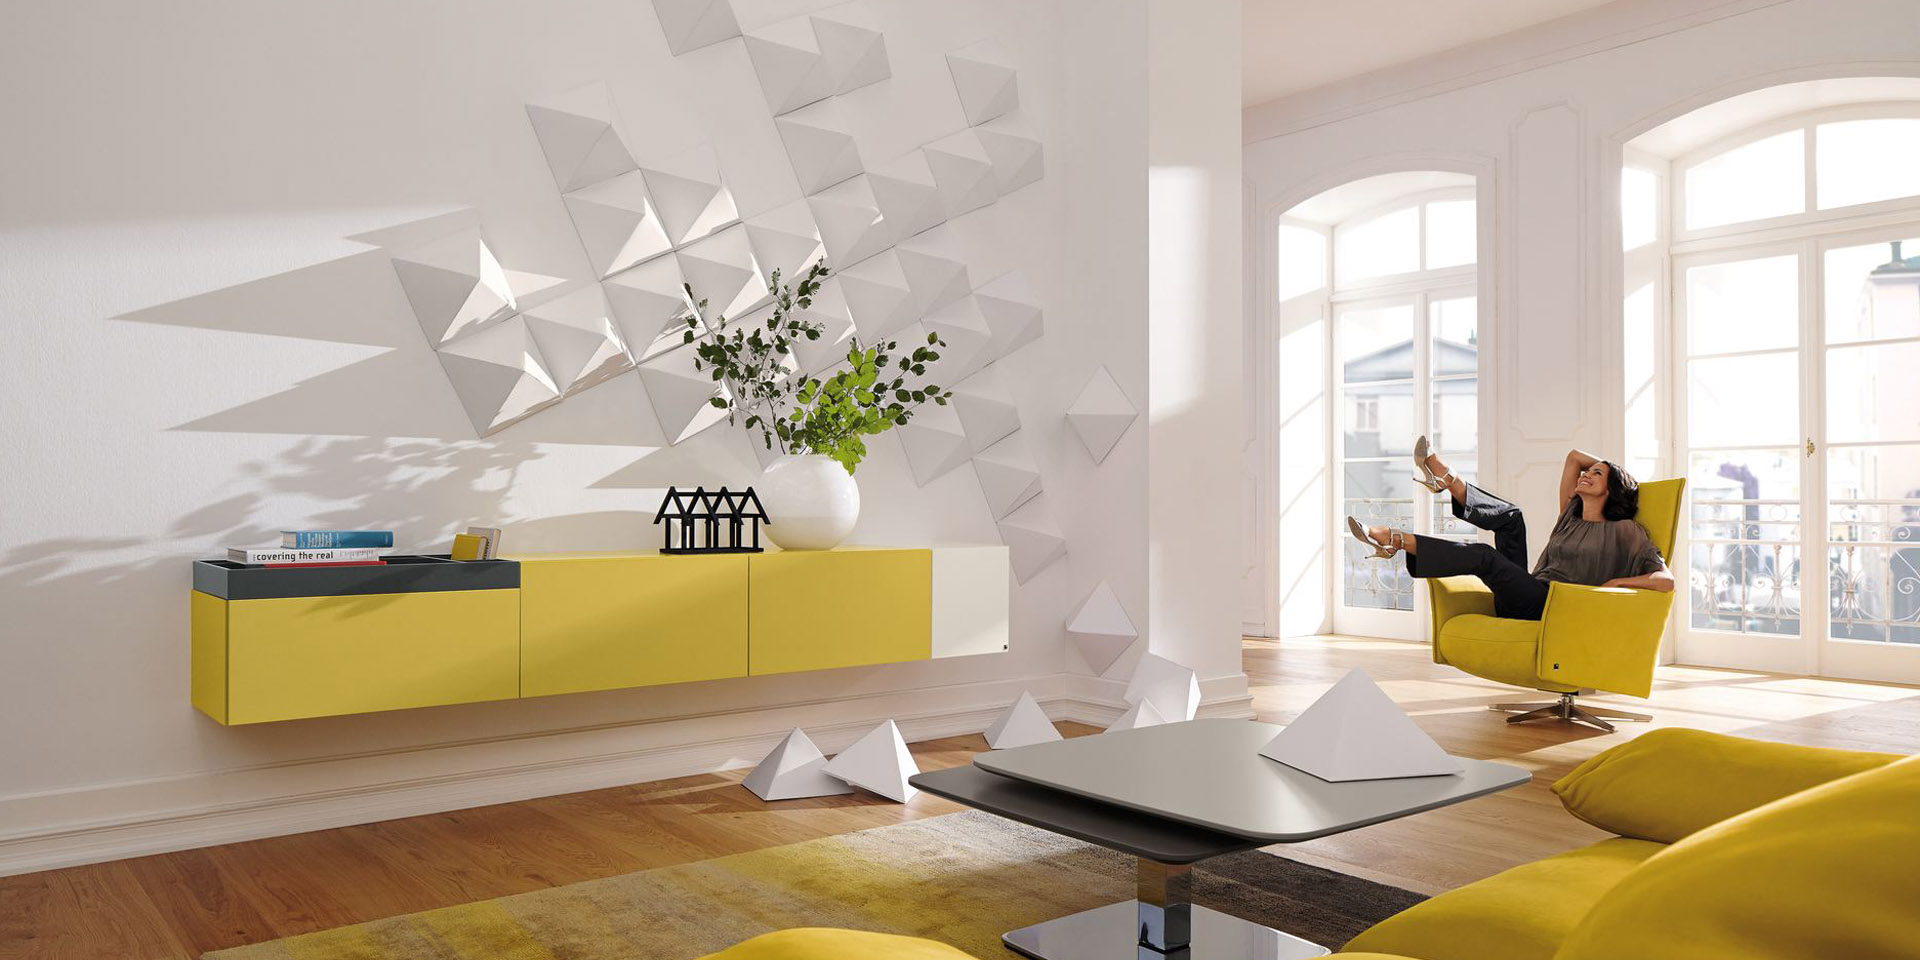 wk wohnen bei fenchel wohnfaszination gmbh. Black Bedroom Furniture Sets. Home Design Ideas